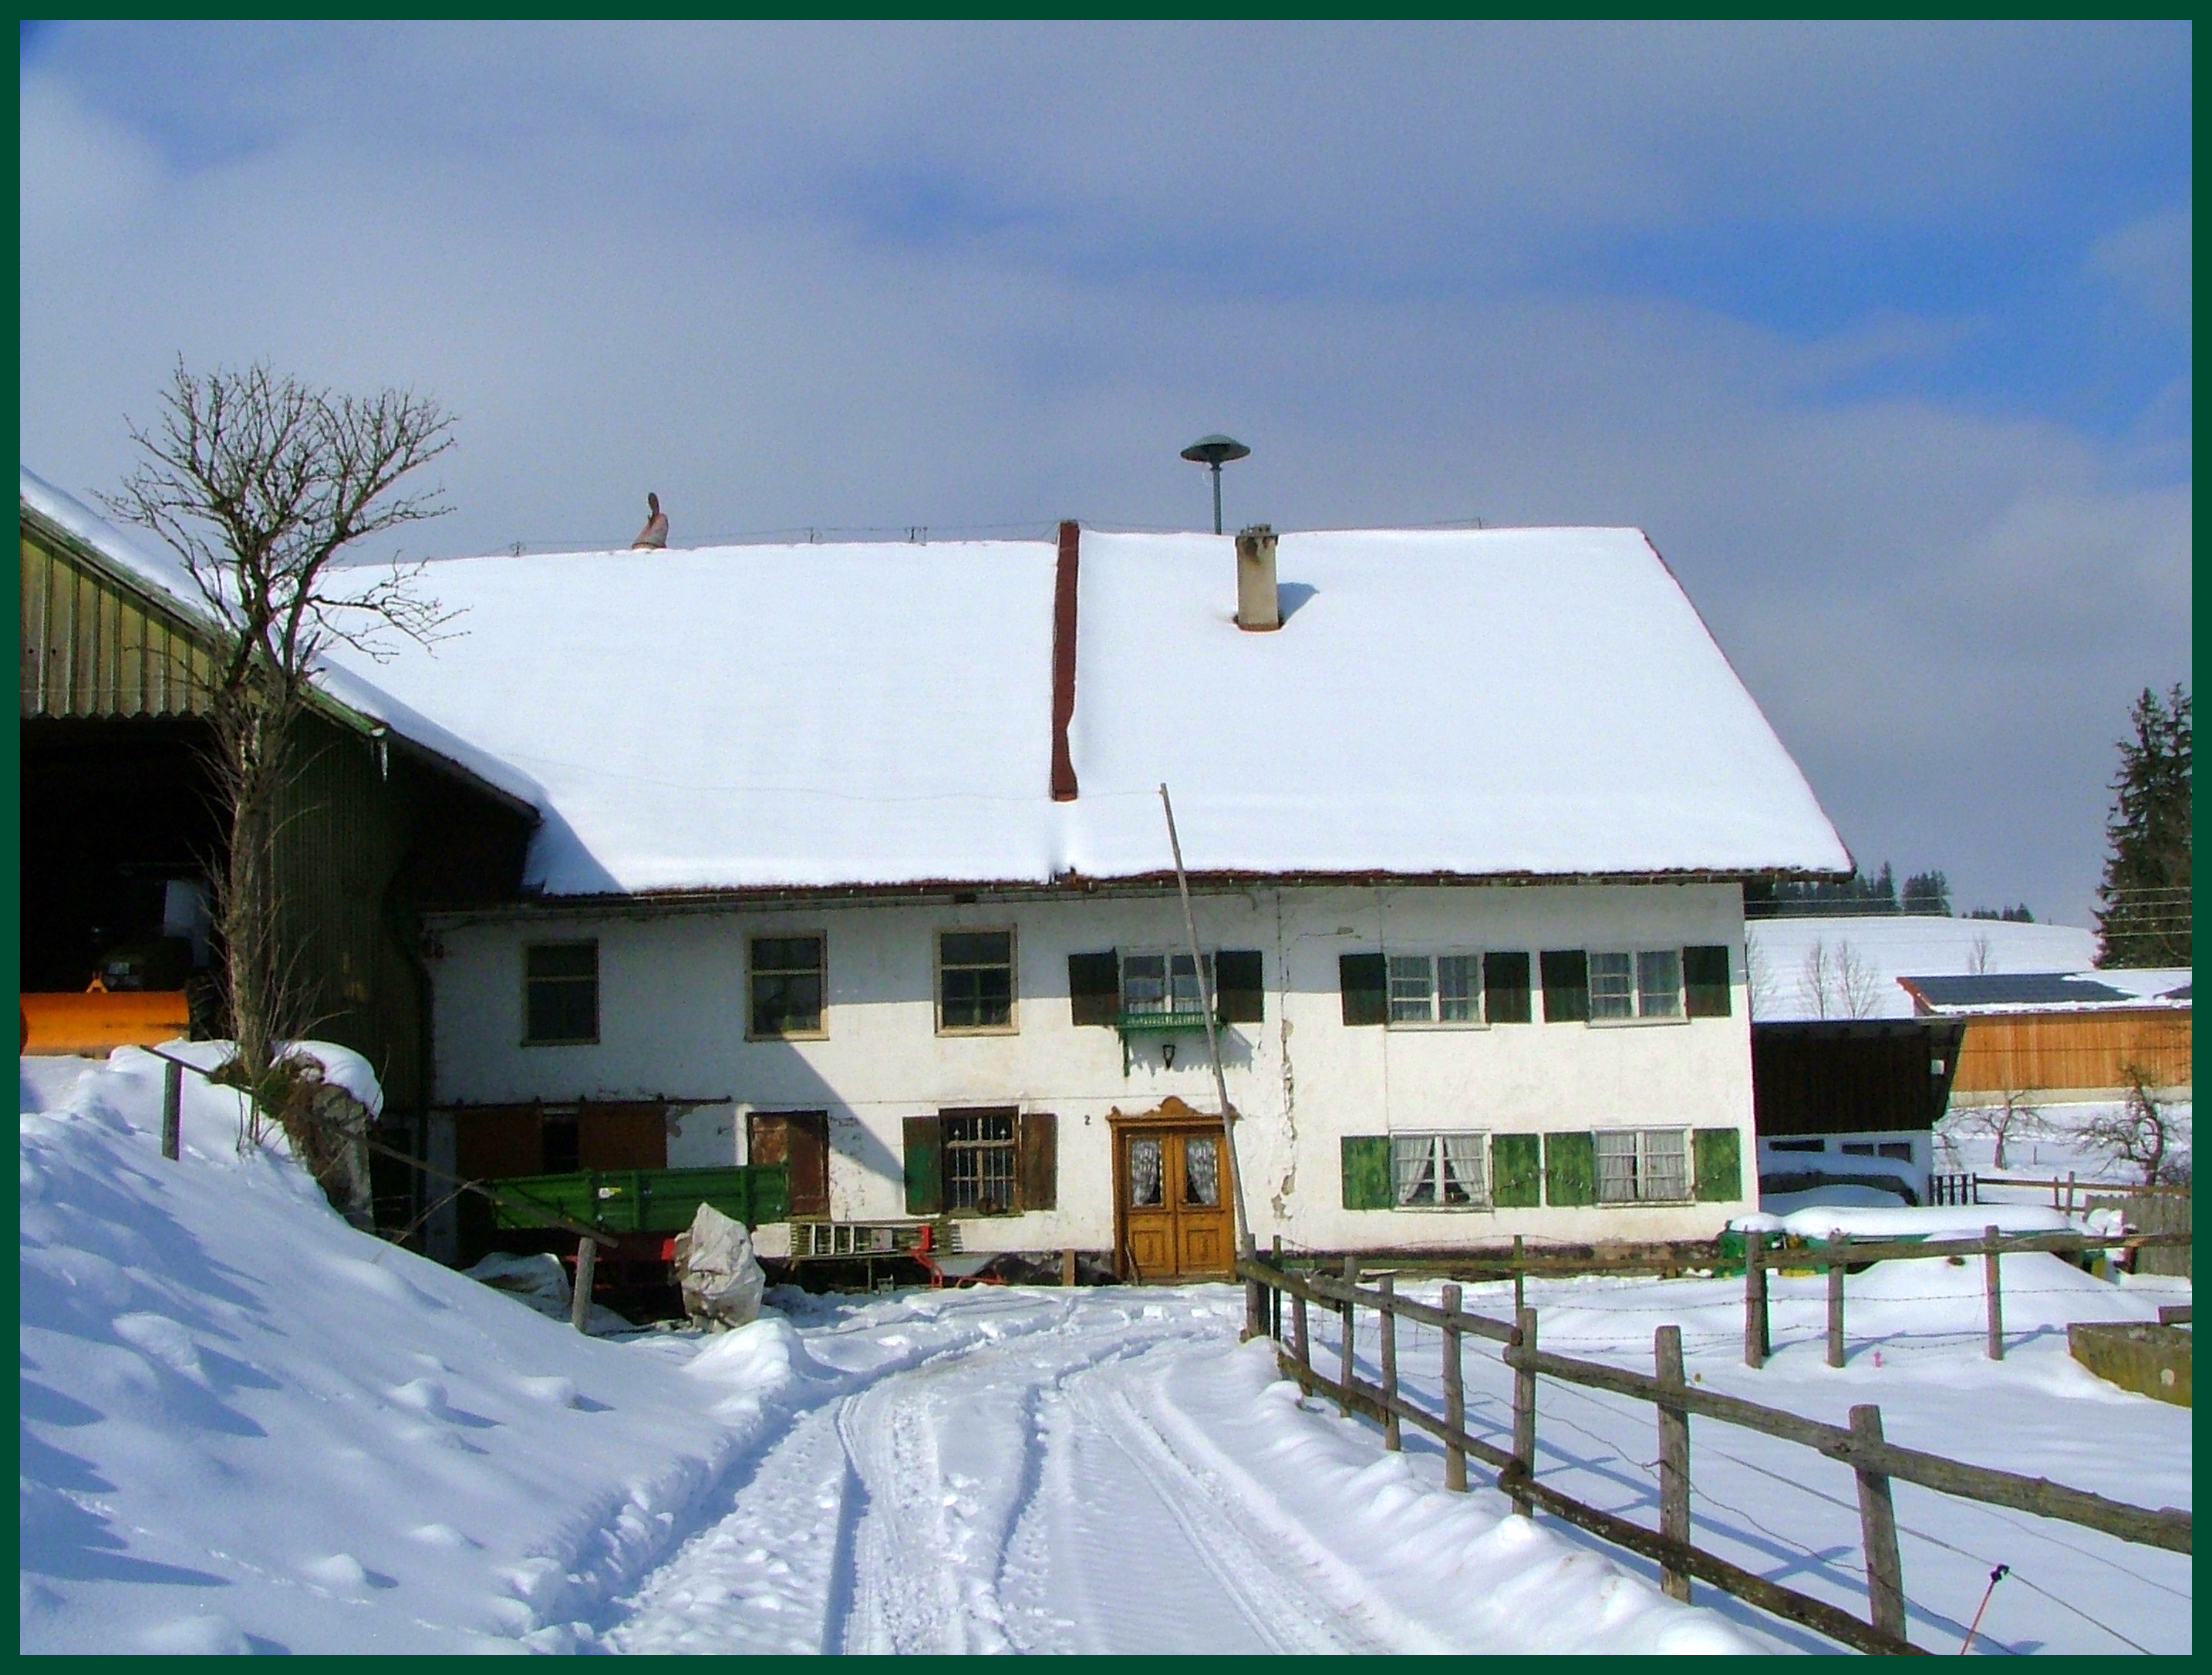 Schön Flachdachhaus Dekoration Von File: - Panoramio (2).jpg